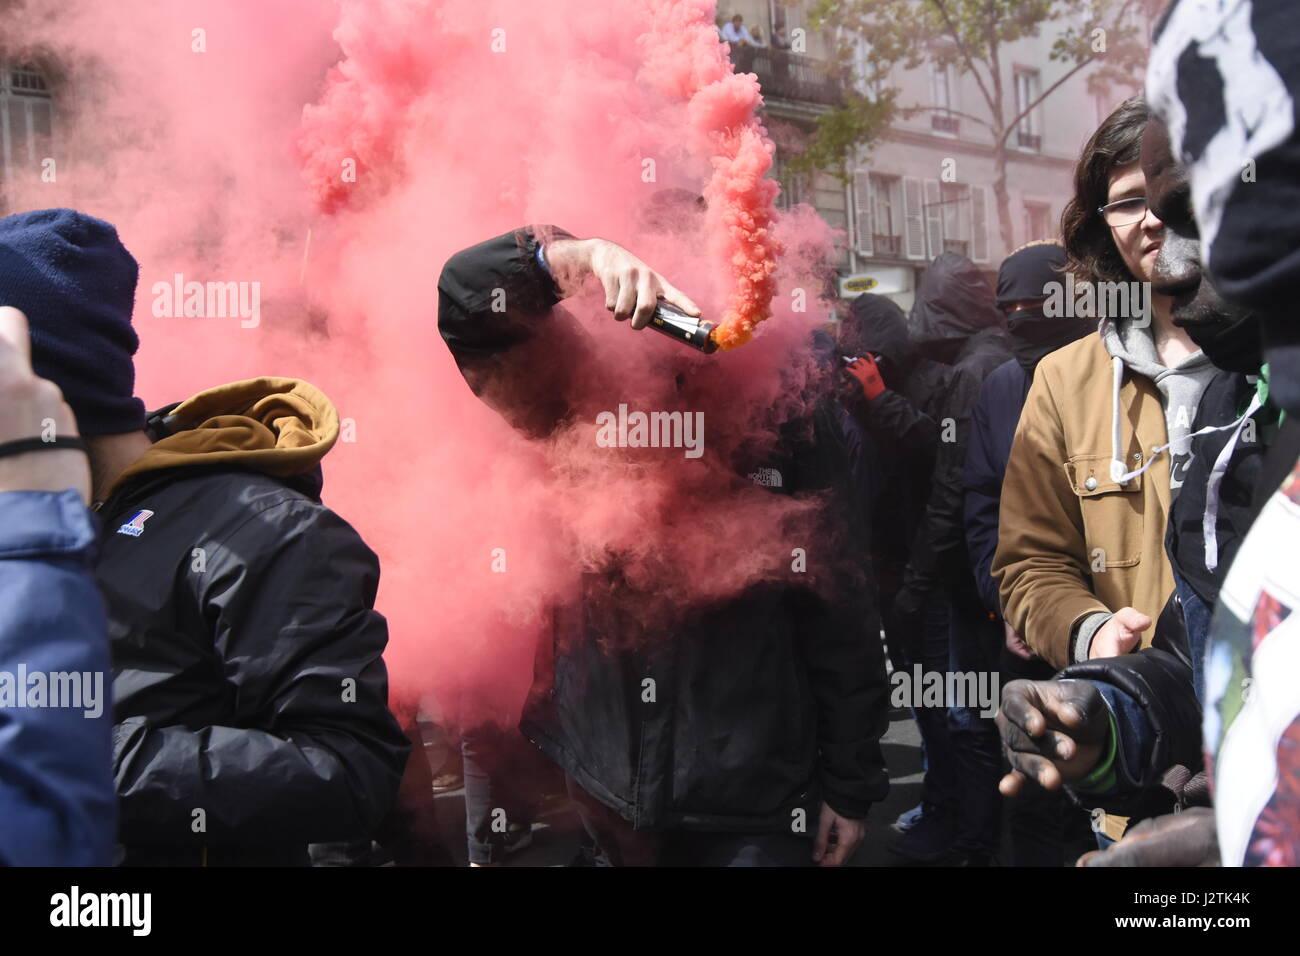 París, Francia. El 1 de mayo de 2017. manifestación en París para protestar contra la presencia de Imagen De Stock